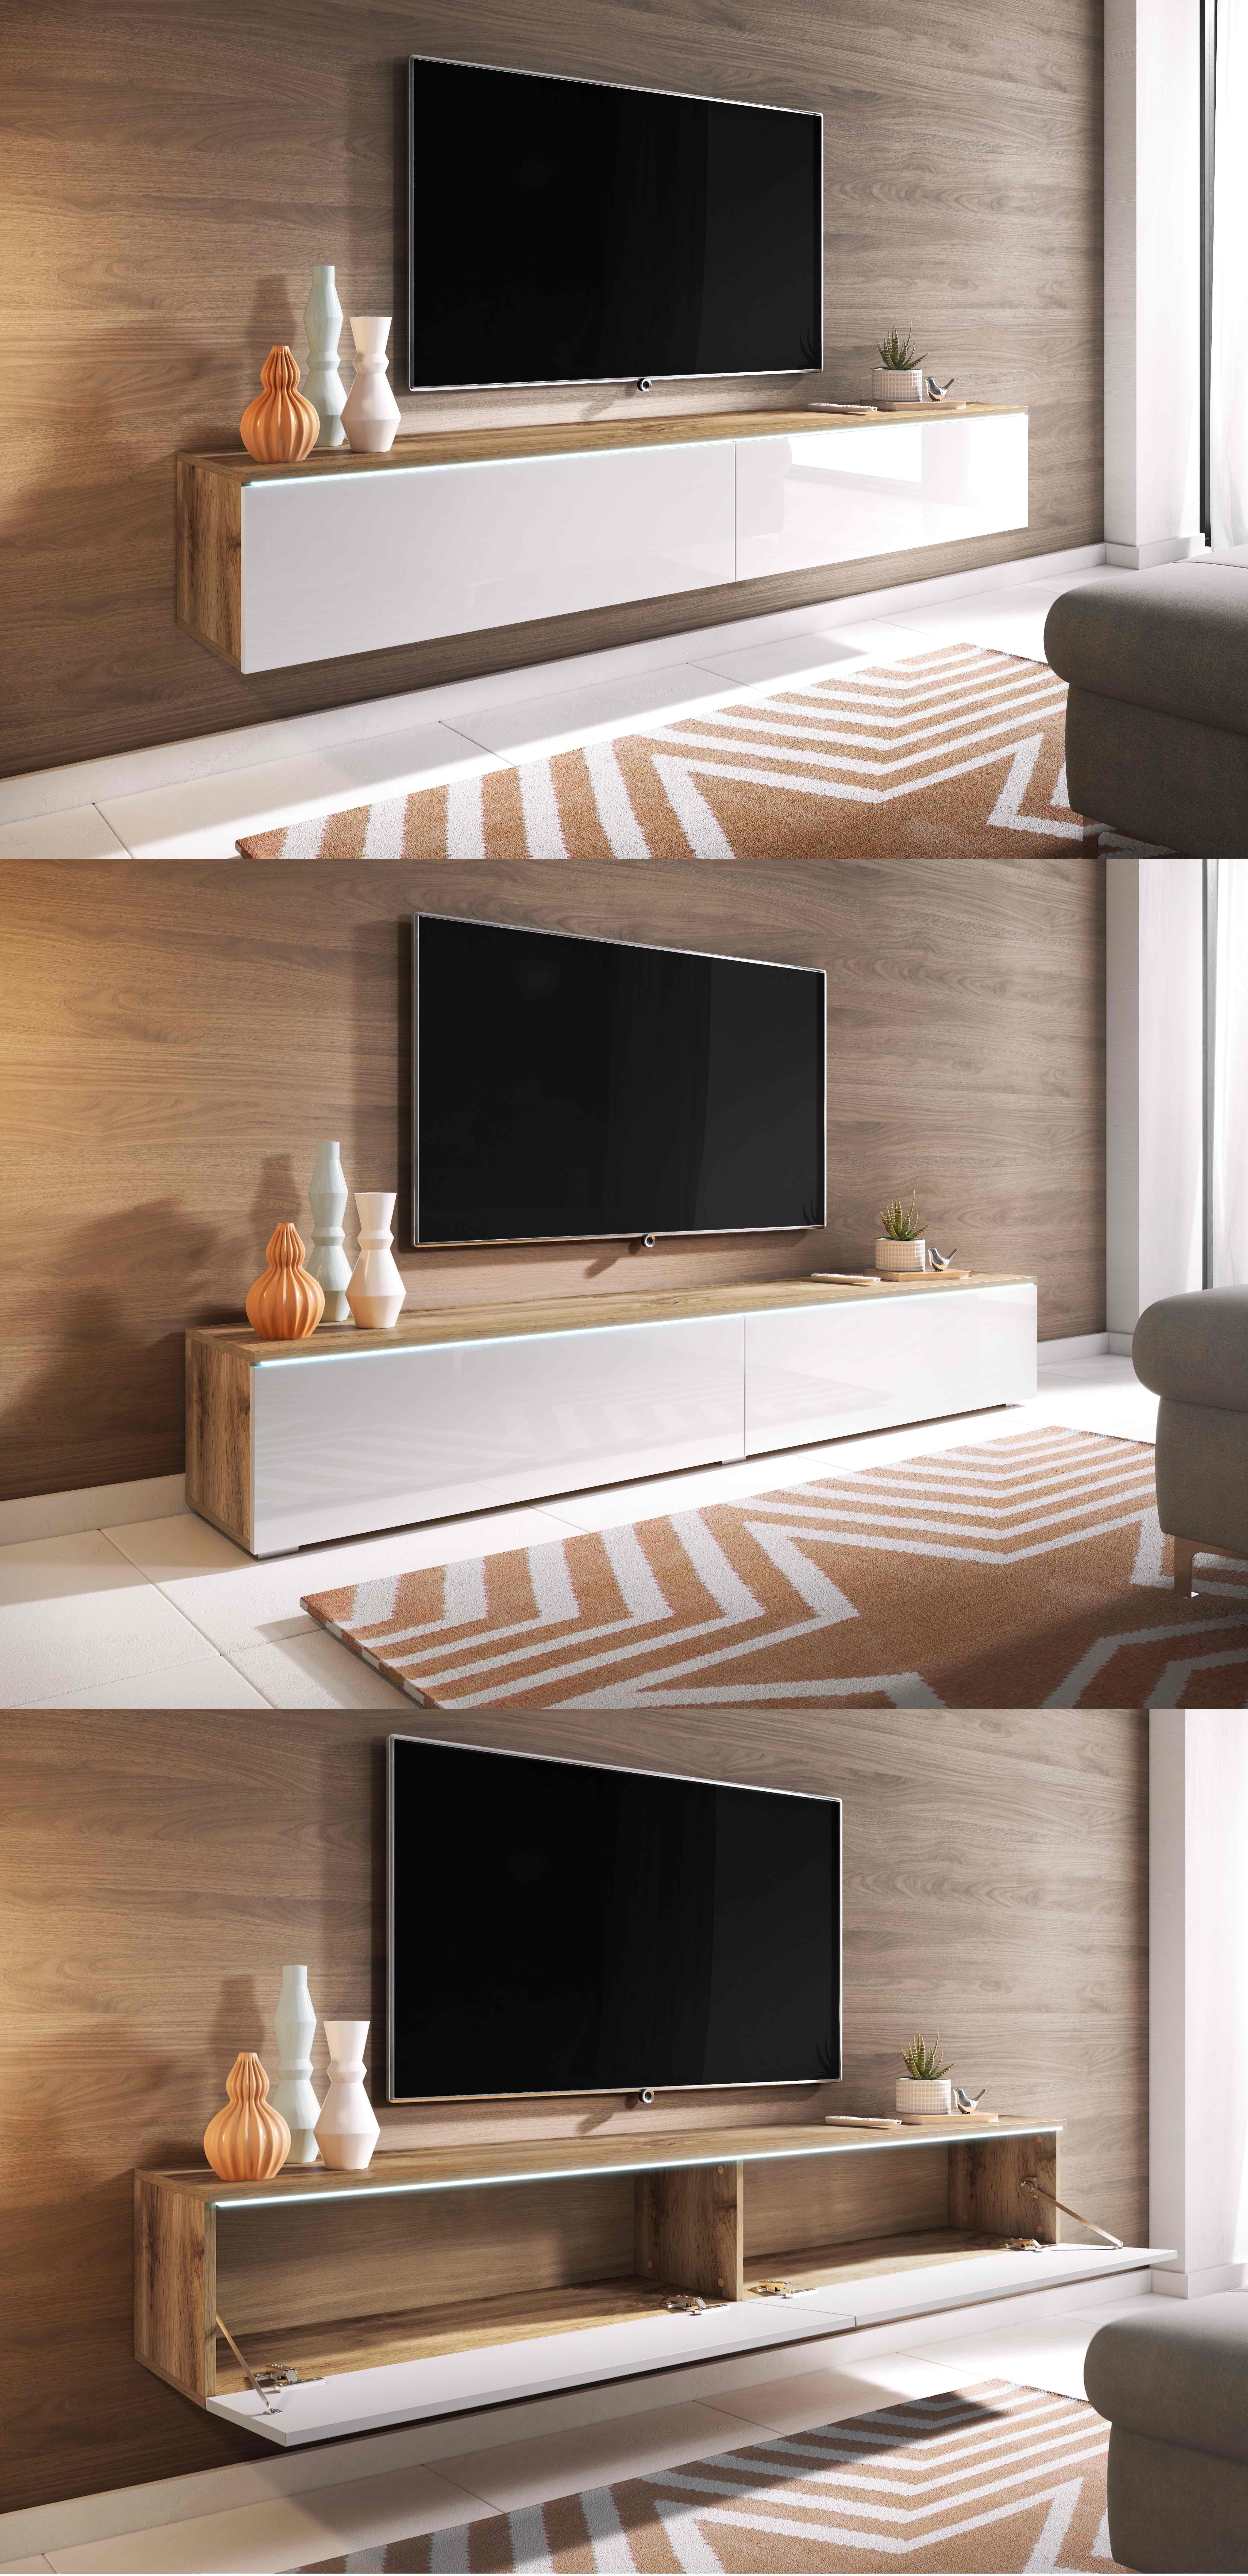 Decor Over Tv Decor Over Tv In 2020 Tv Decor Over Tv Decor Home Room Design